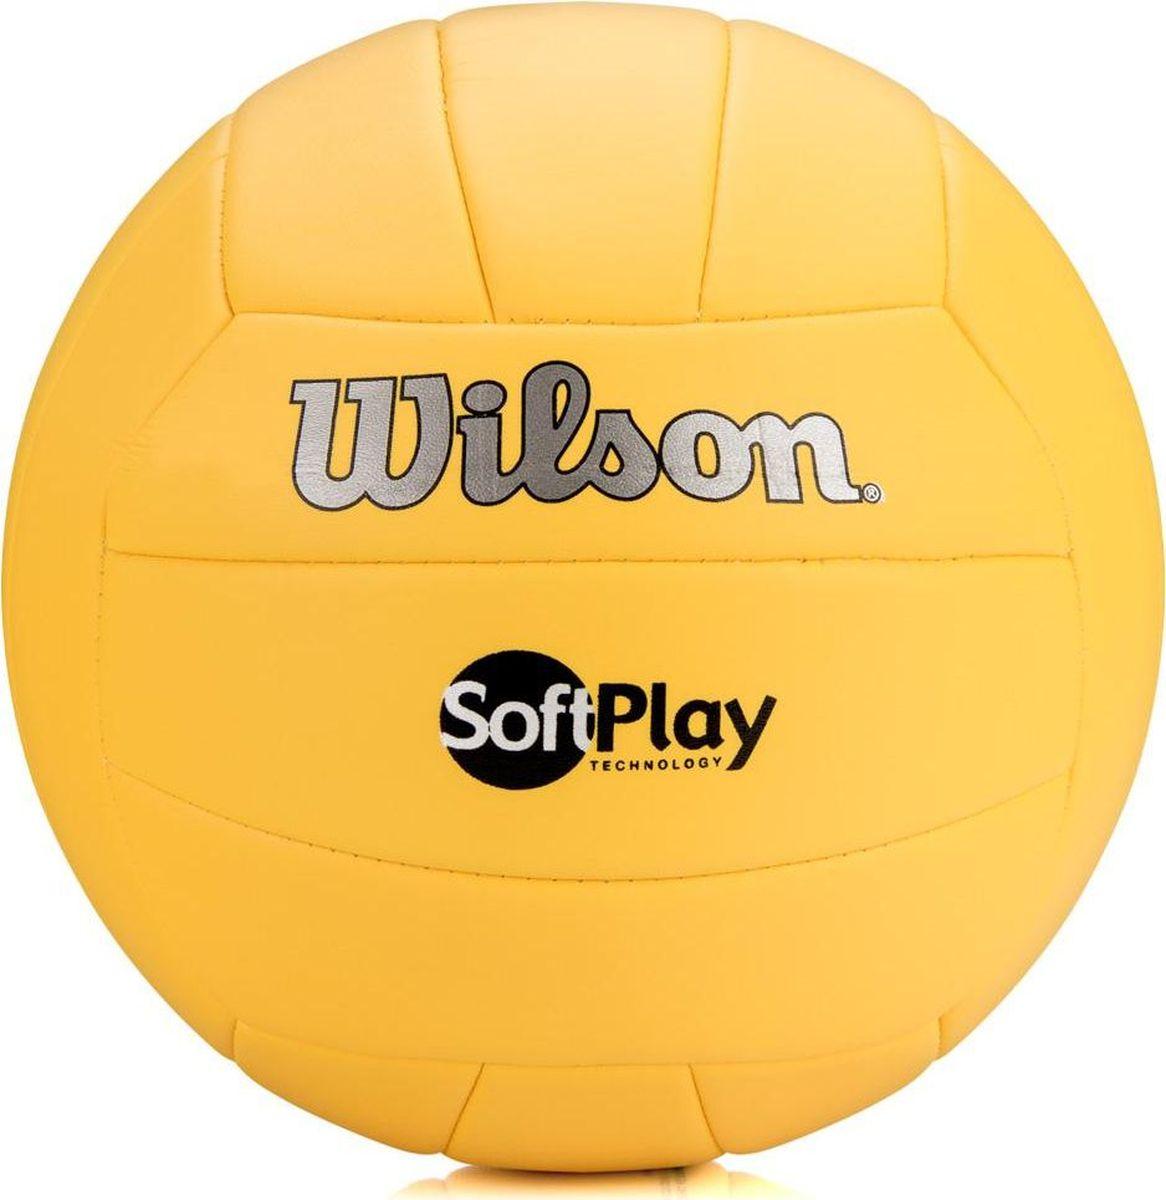 Мяч волейбольный Wilson Soft Play, цвет: желтый10535Механически сшитая мягкая констуркция мяча с синтетическим покрытием. Серебряный логотип Wilson, износоустойчивый.